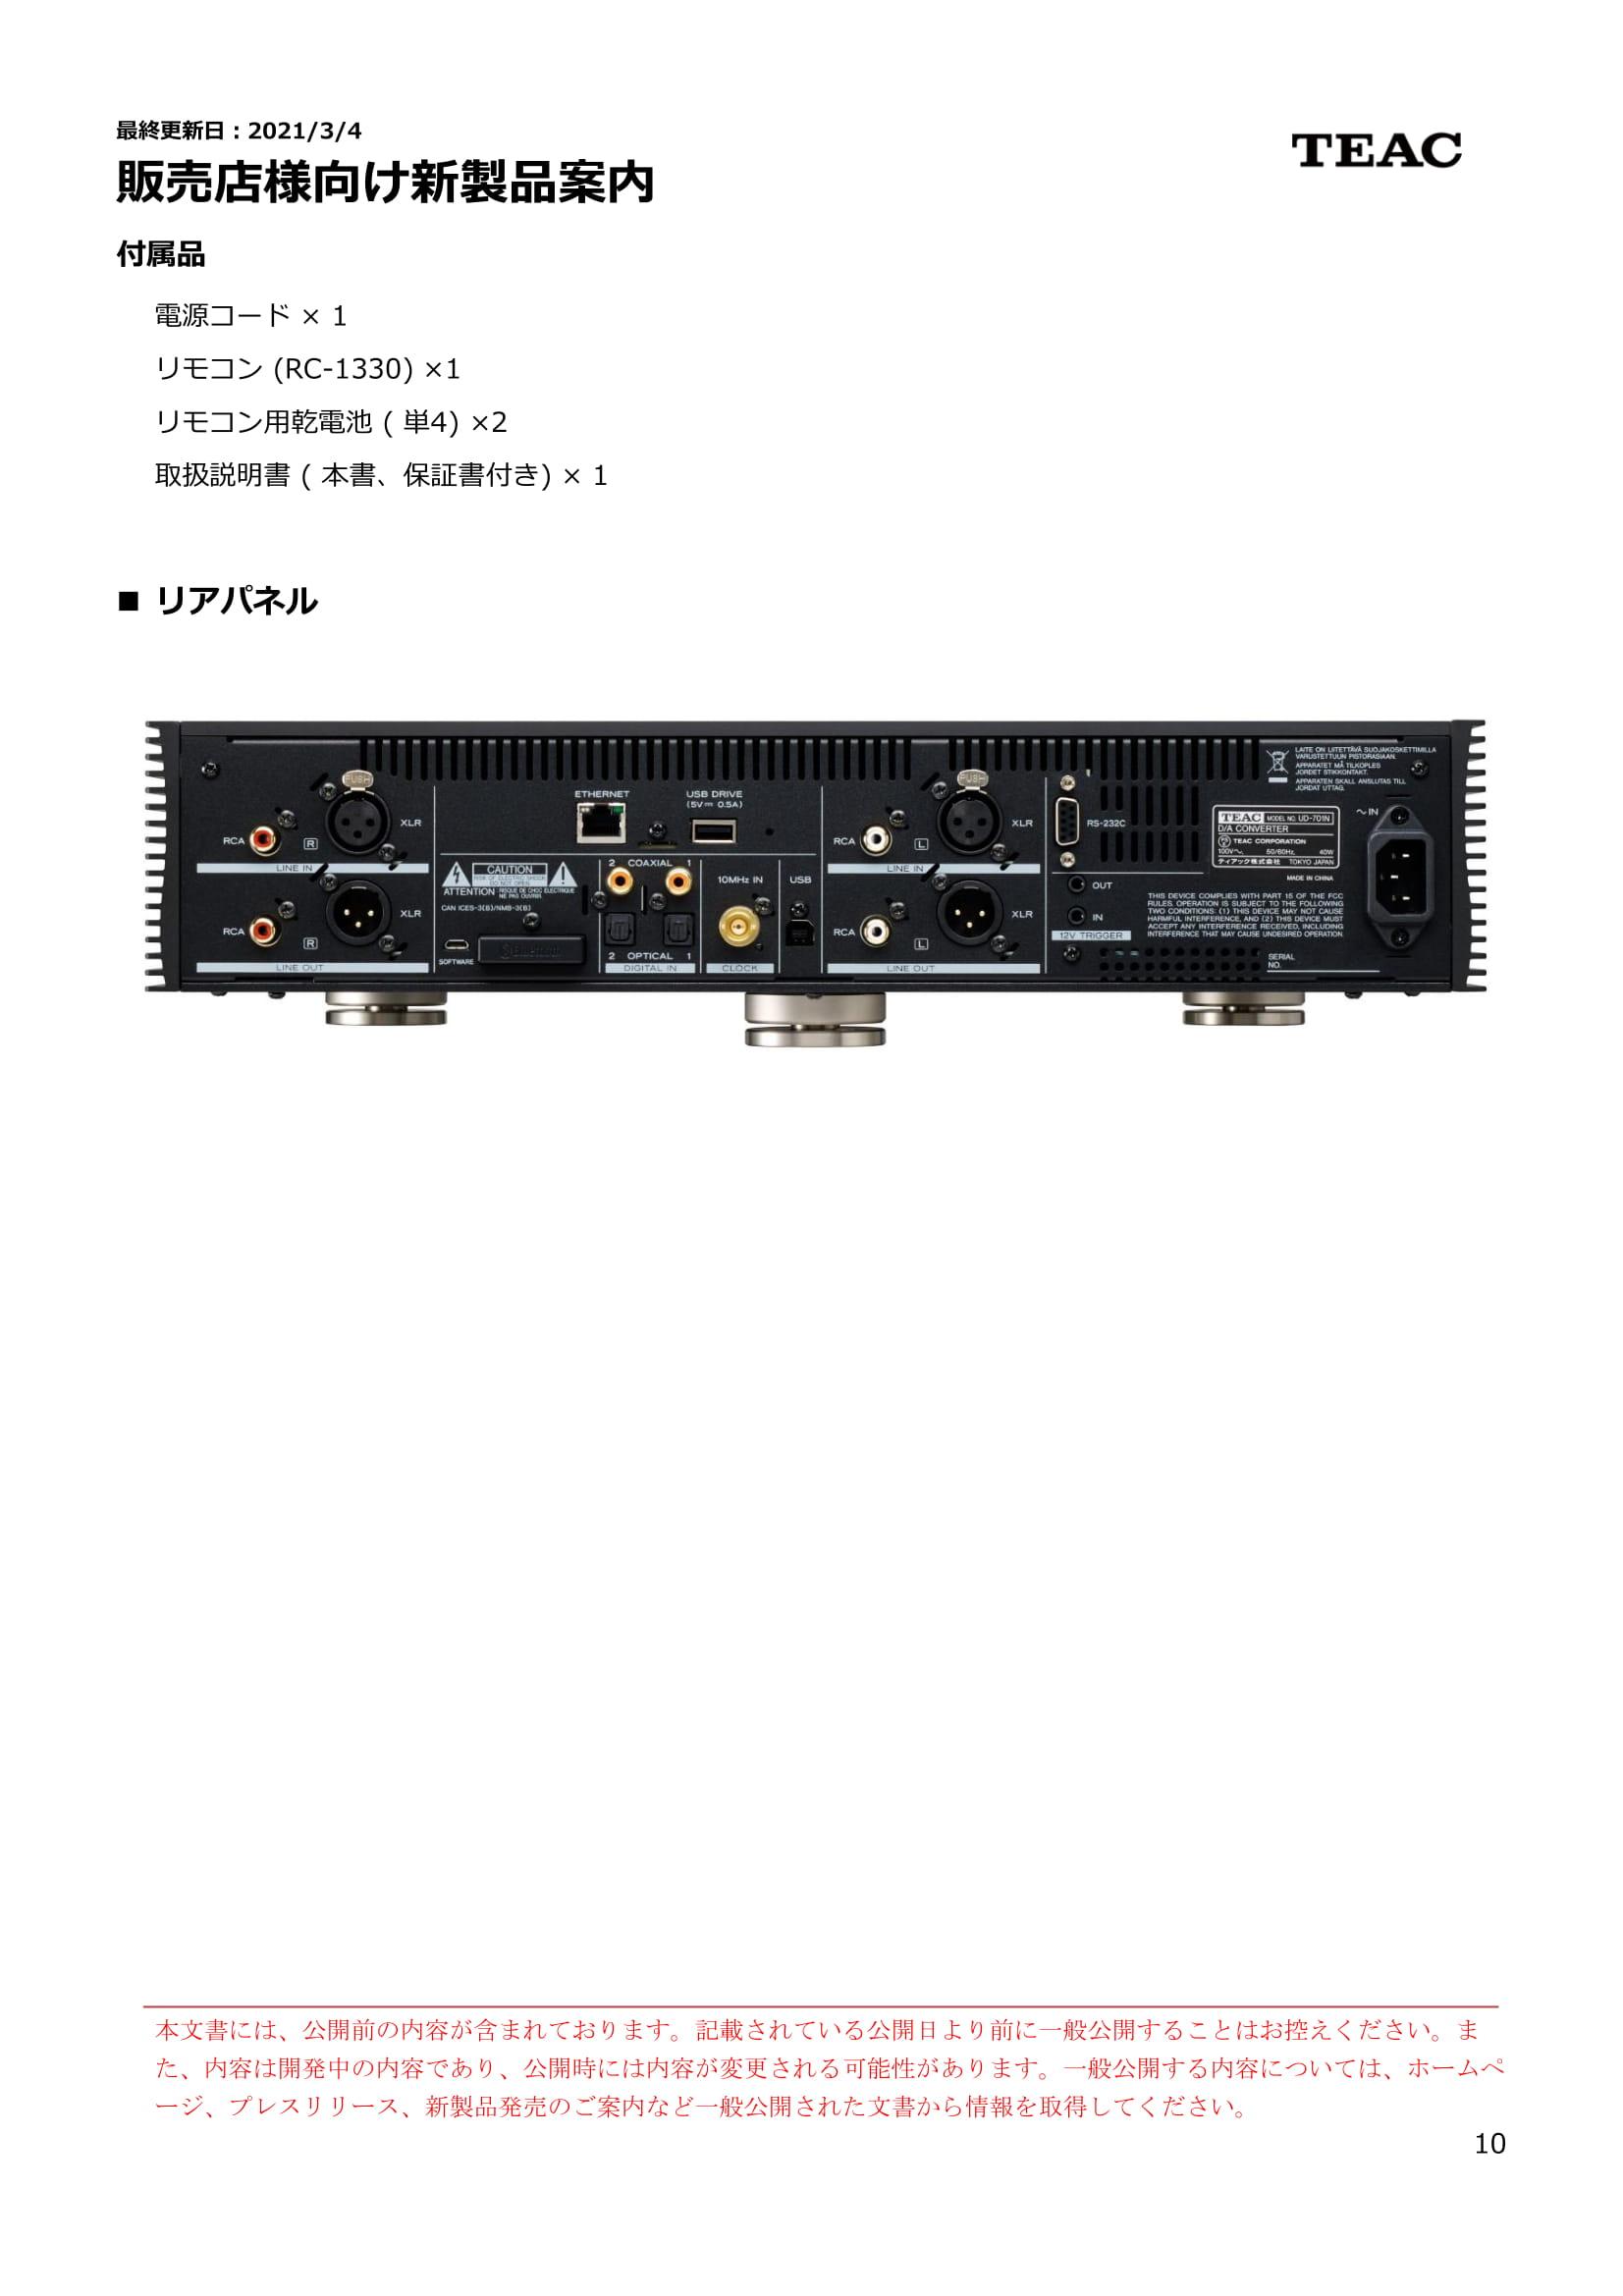 UD-701N_SNPI_210304-10.jpg